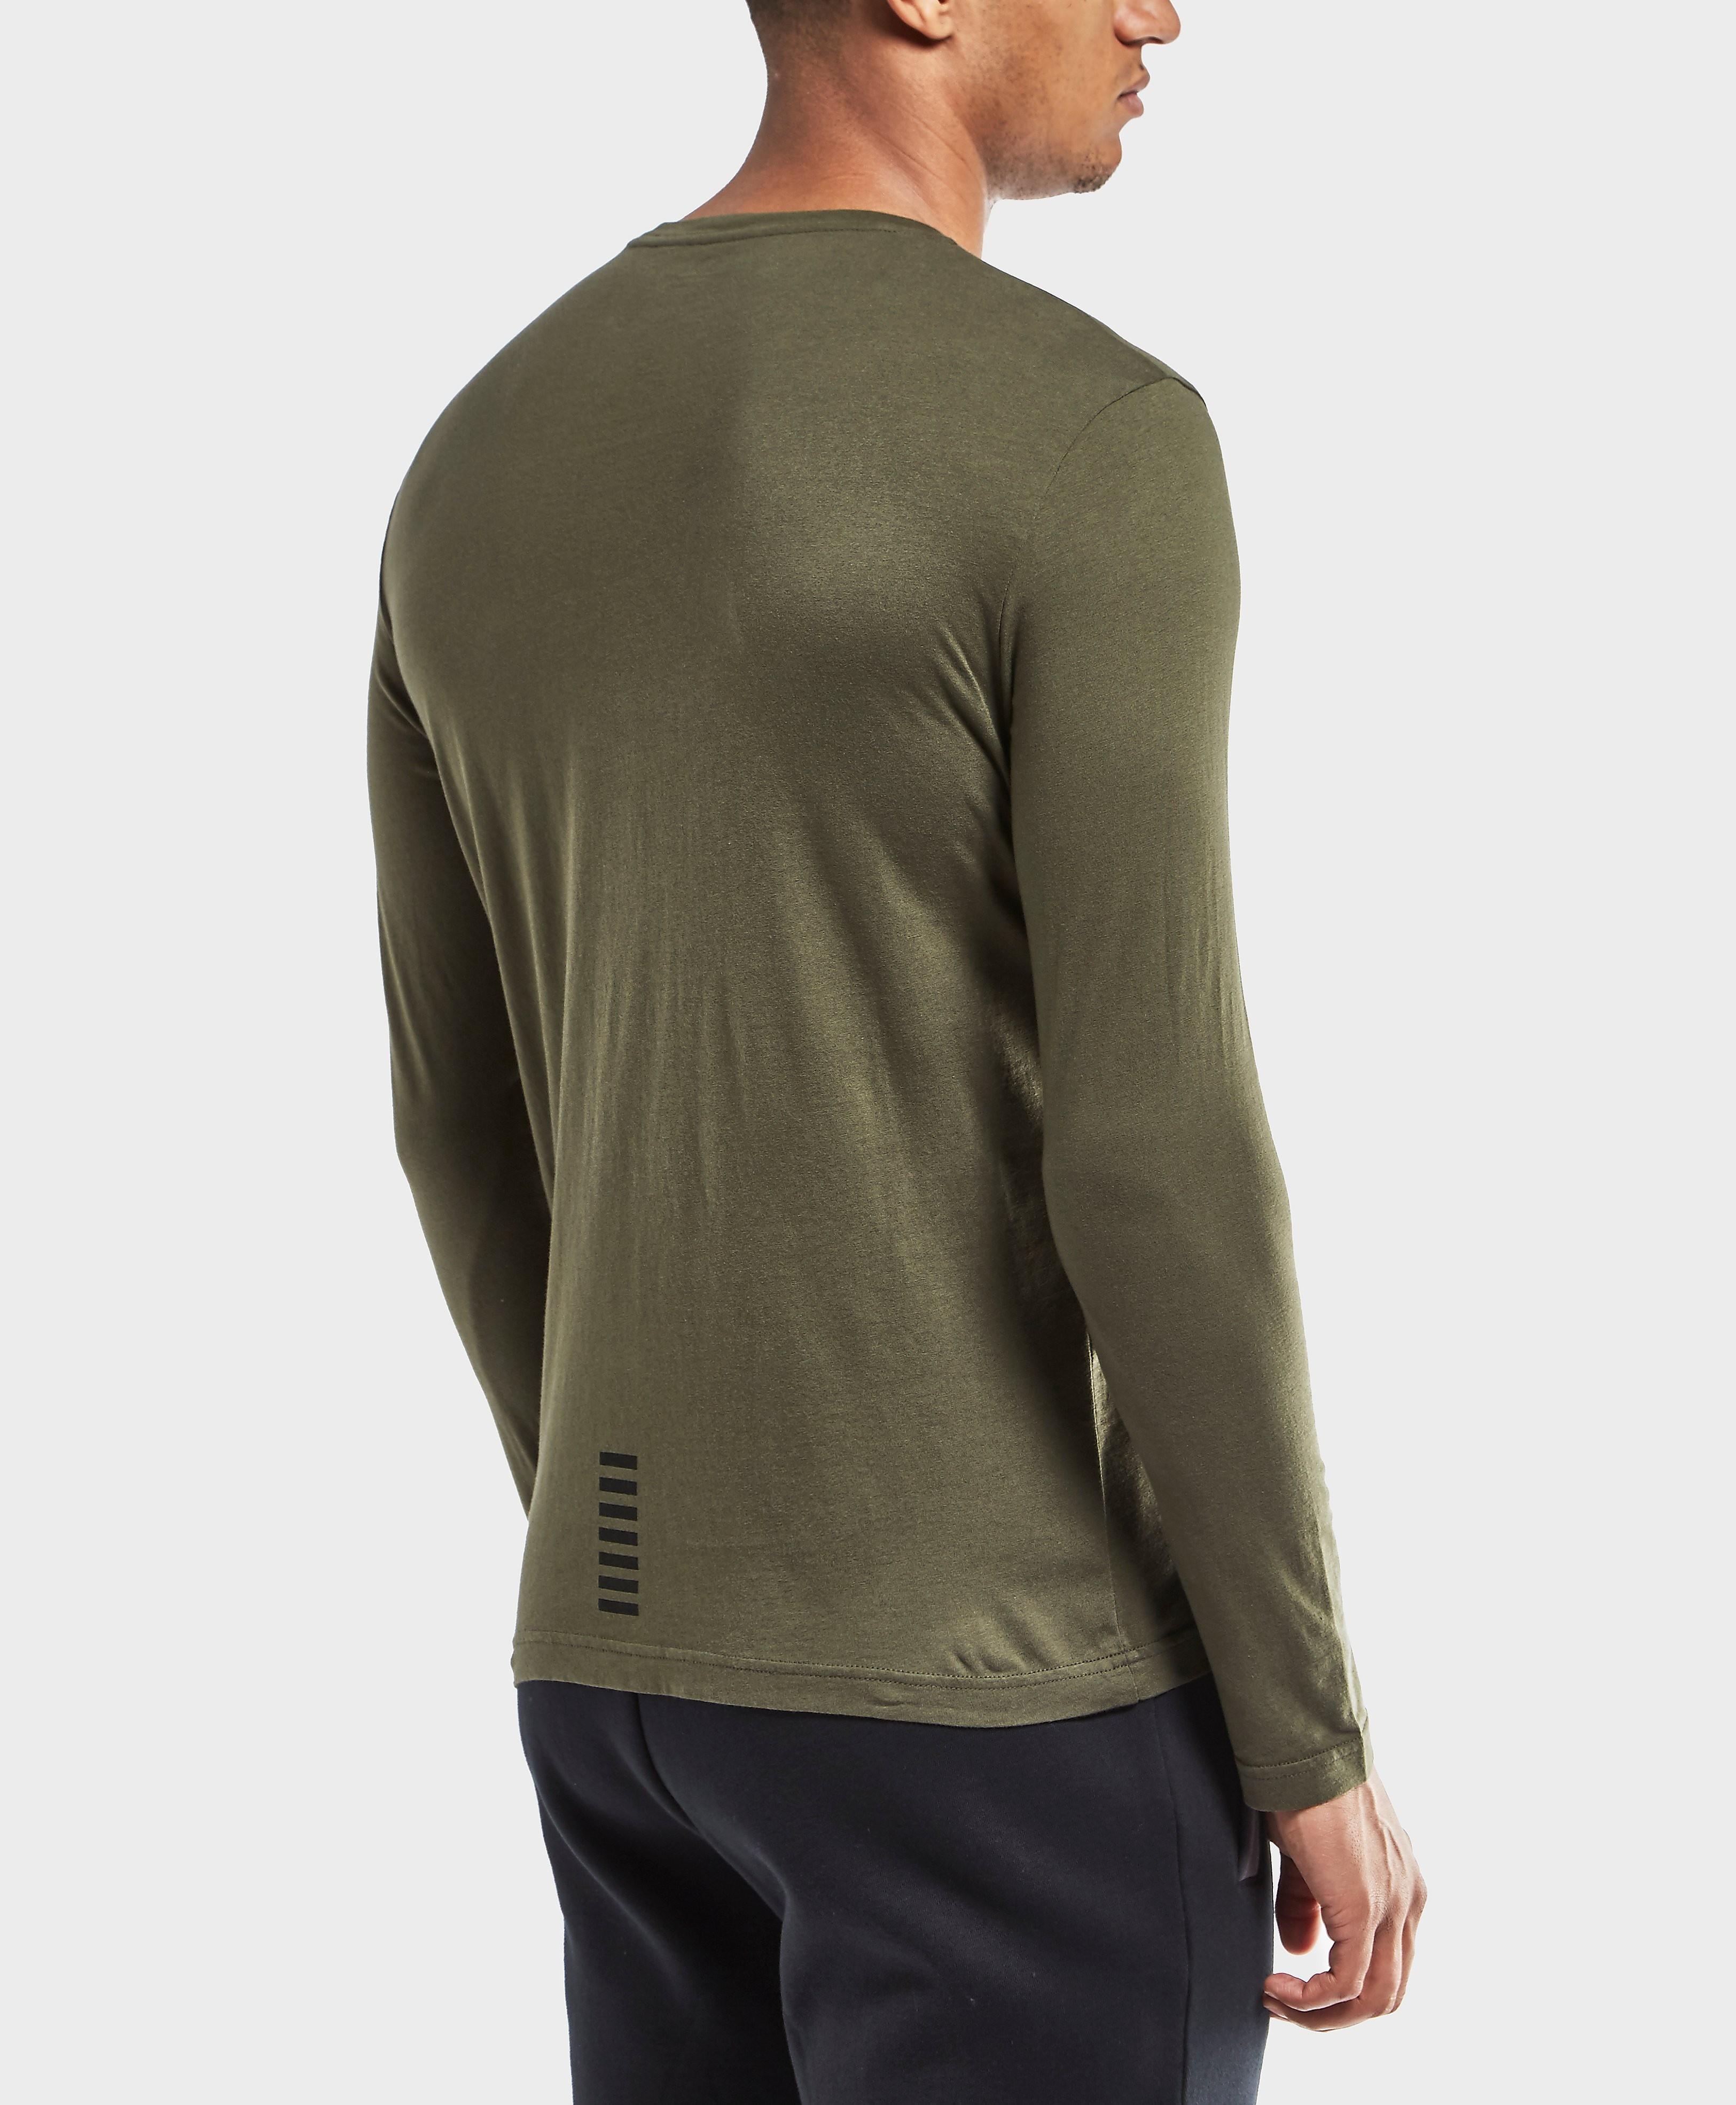 Emporio Armani EA7 Core Long Sleeve T-Shirt